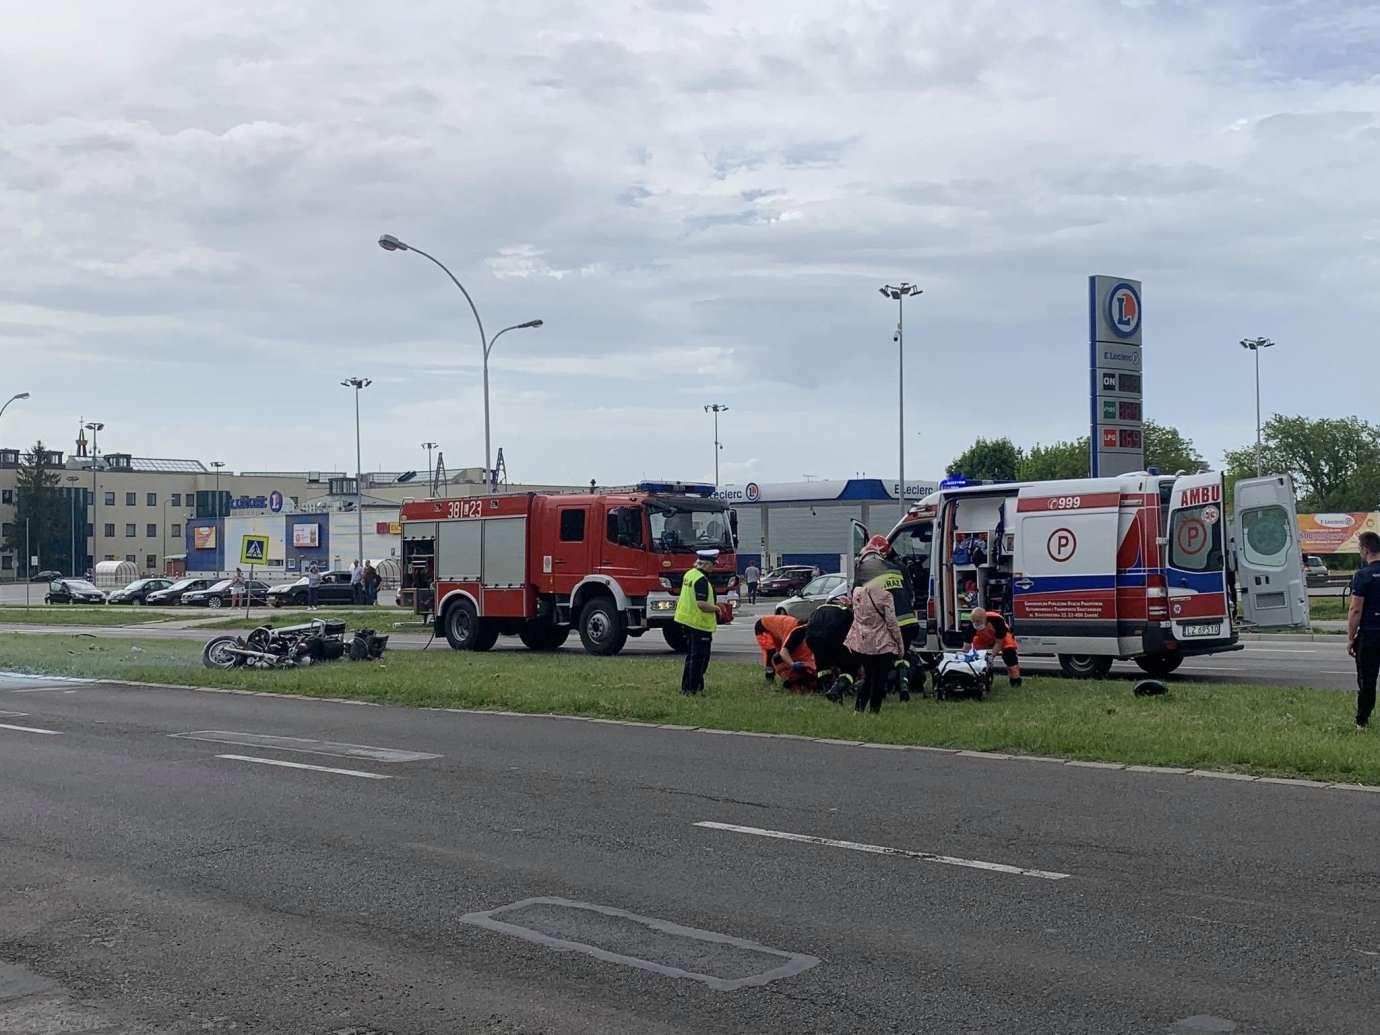 103116781 280808749948908 4729834510386408813 n Ku przestrodze publikujemy nagranie WIDEO z niedzielnego wypadku na Wyszyńskiego. Obejrzyjcie jako przestrogę.